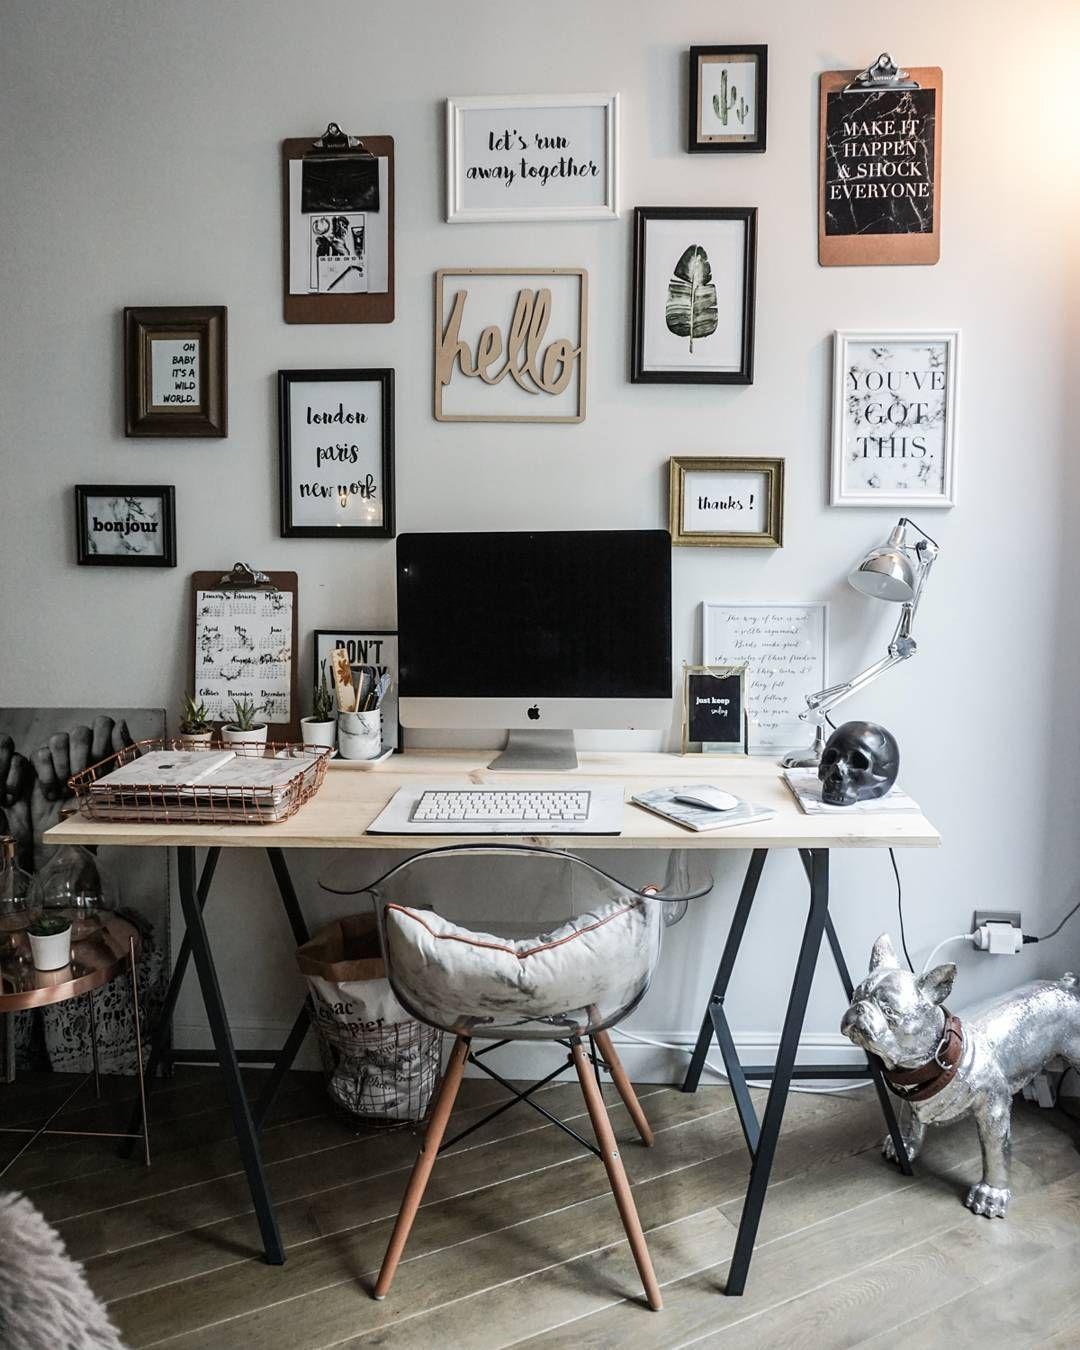 arbeitsplatz interior workspace pinterest buero arbeitszimmer und arbeitsplatz. Black Bedroom Furniture Sets. Home Design Ideas